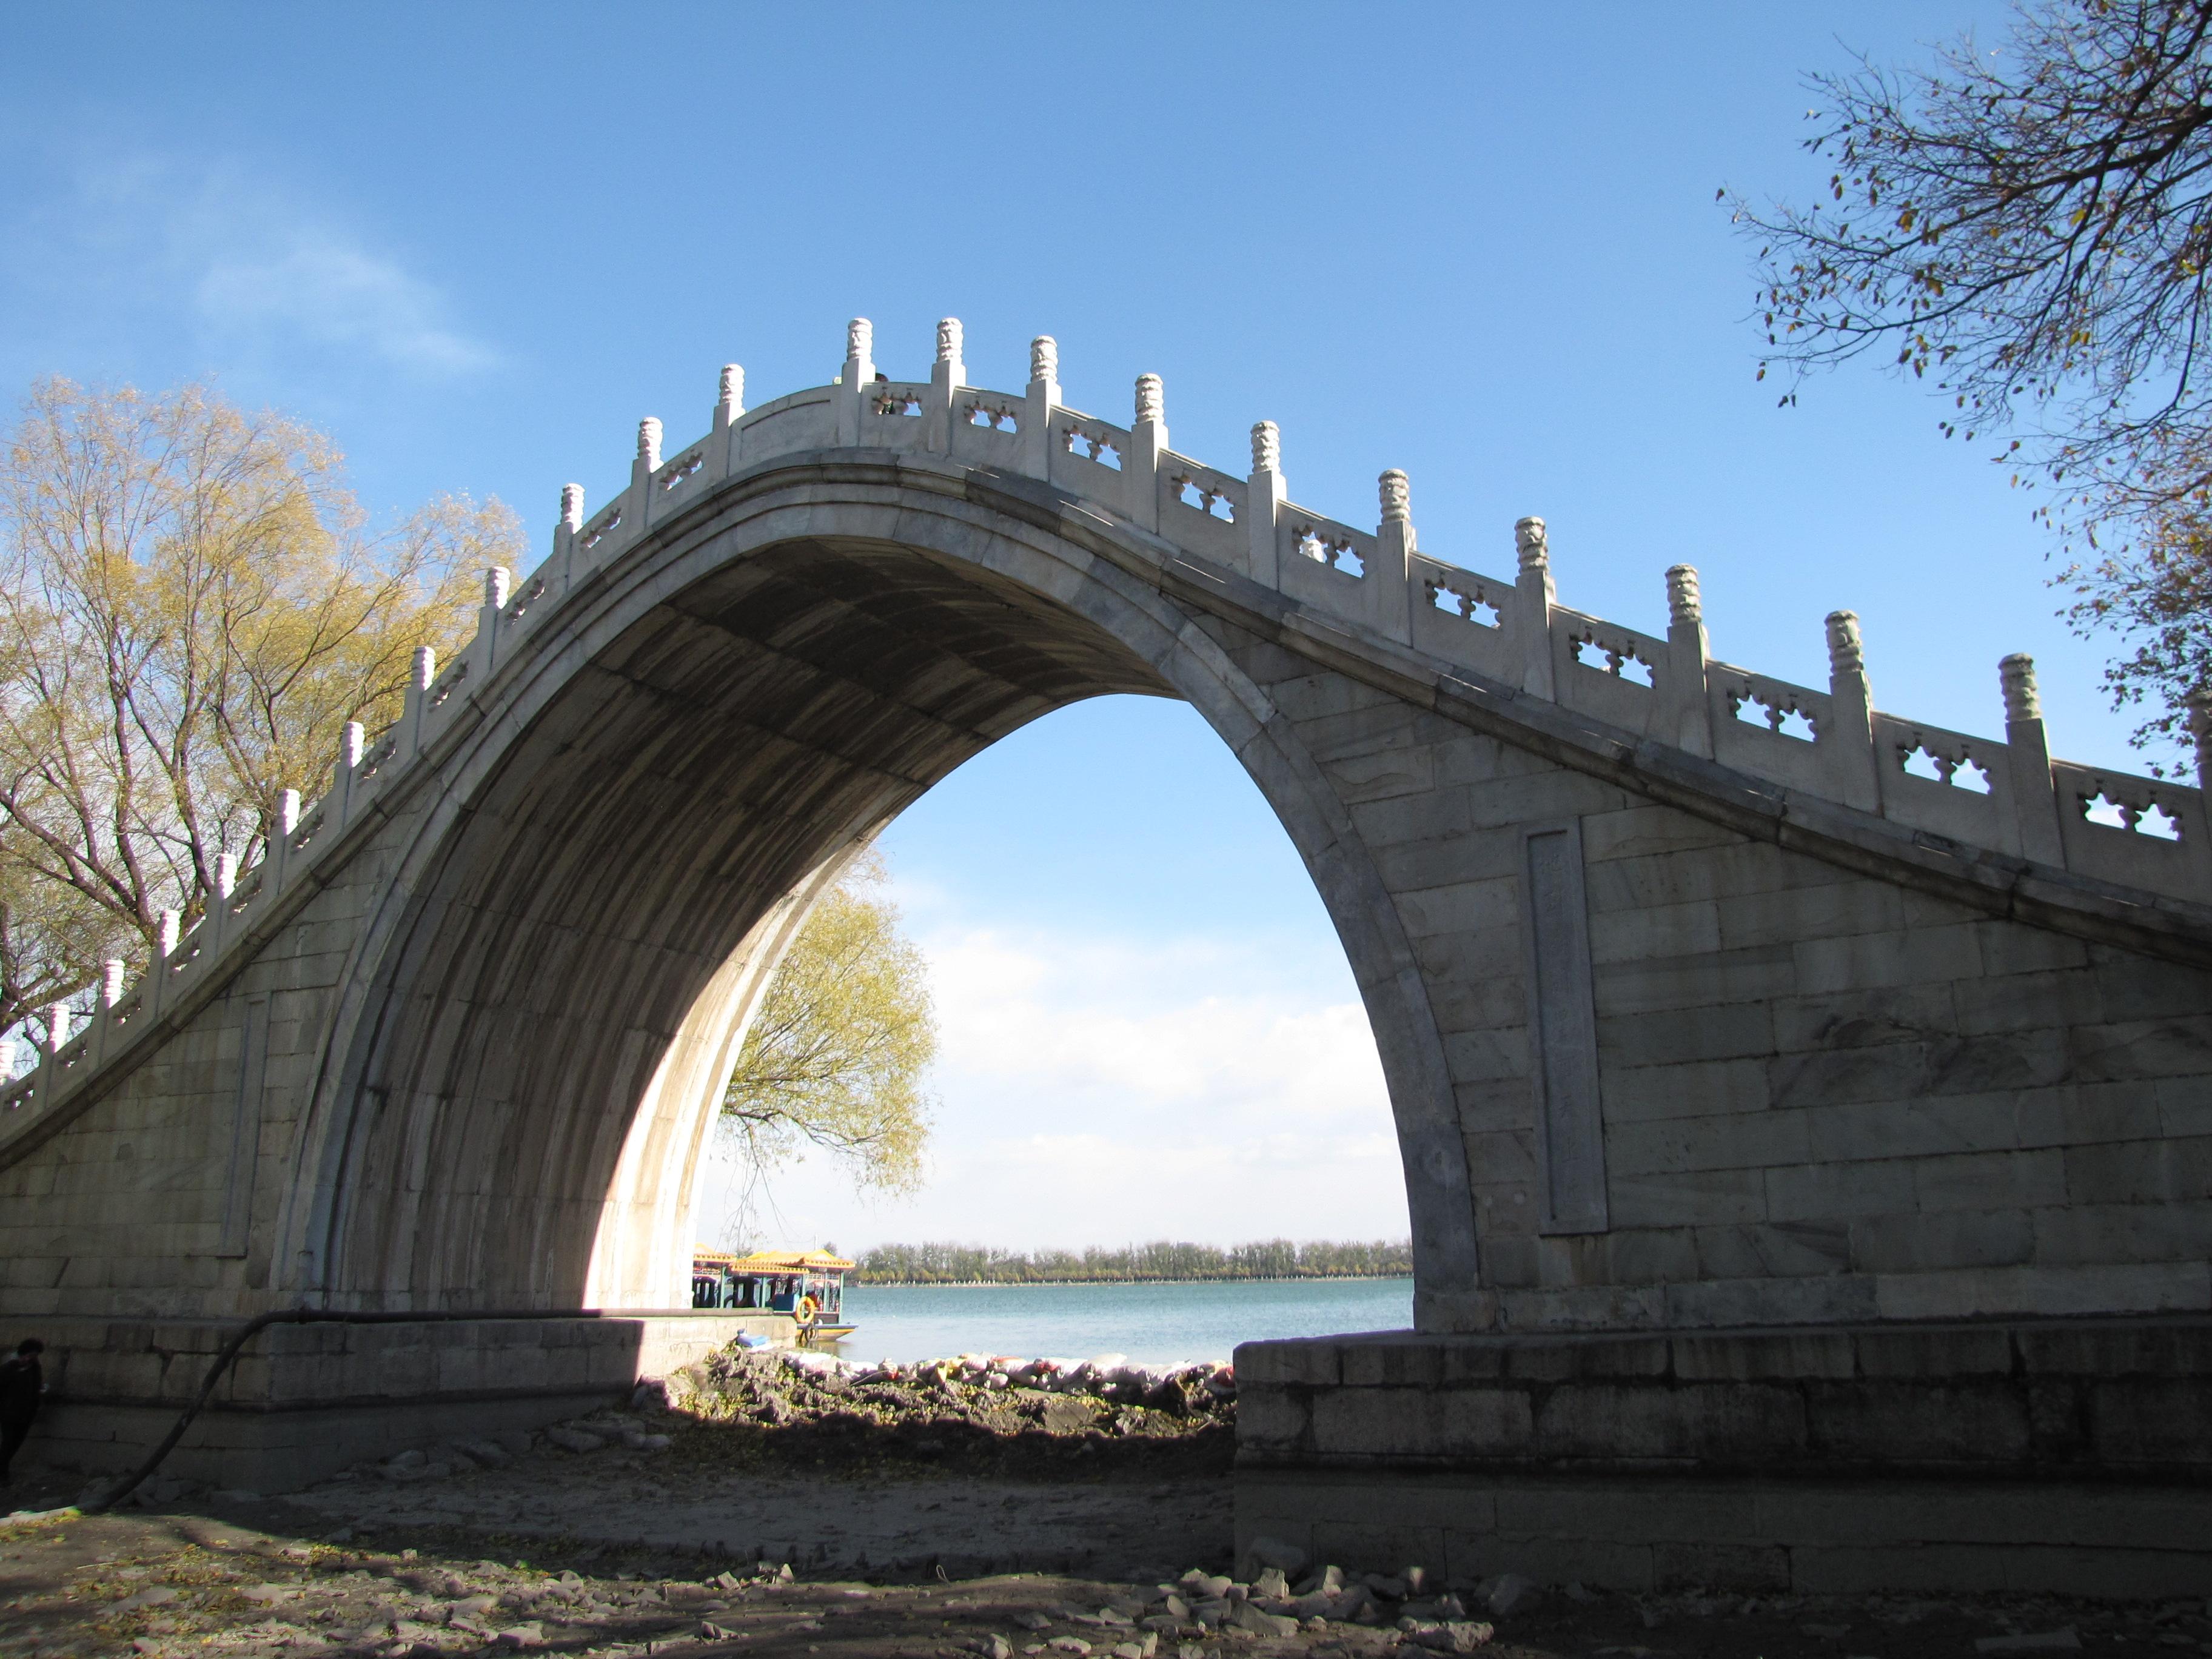 石拱桥-颐和园 的桥 最美